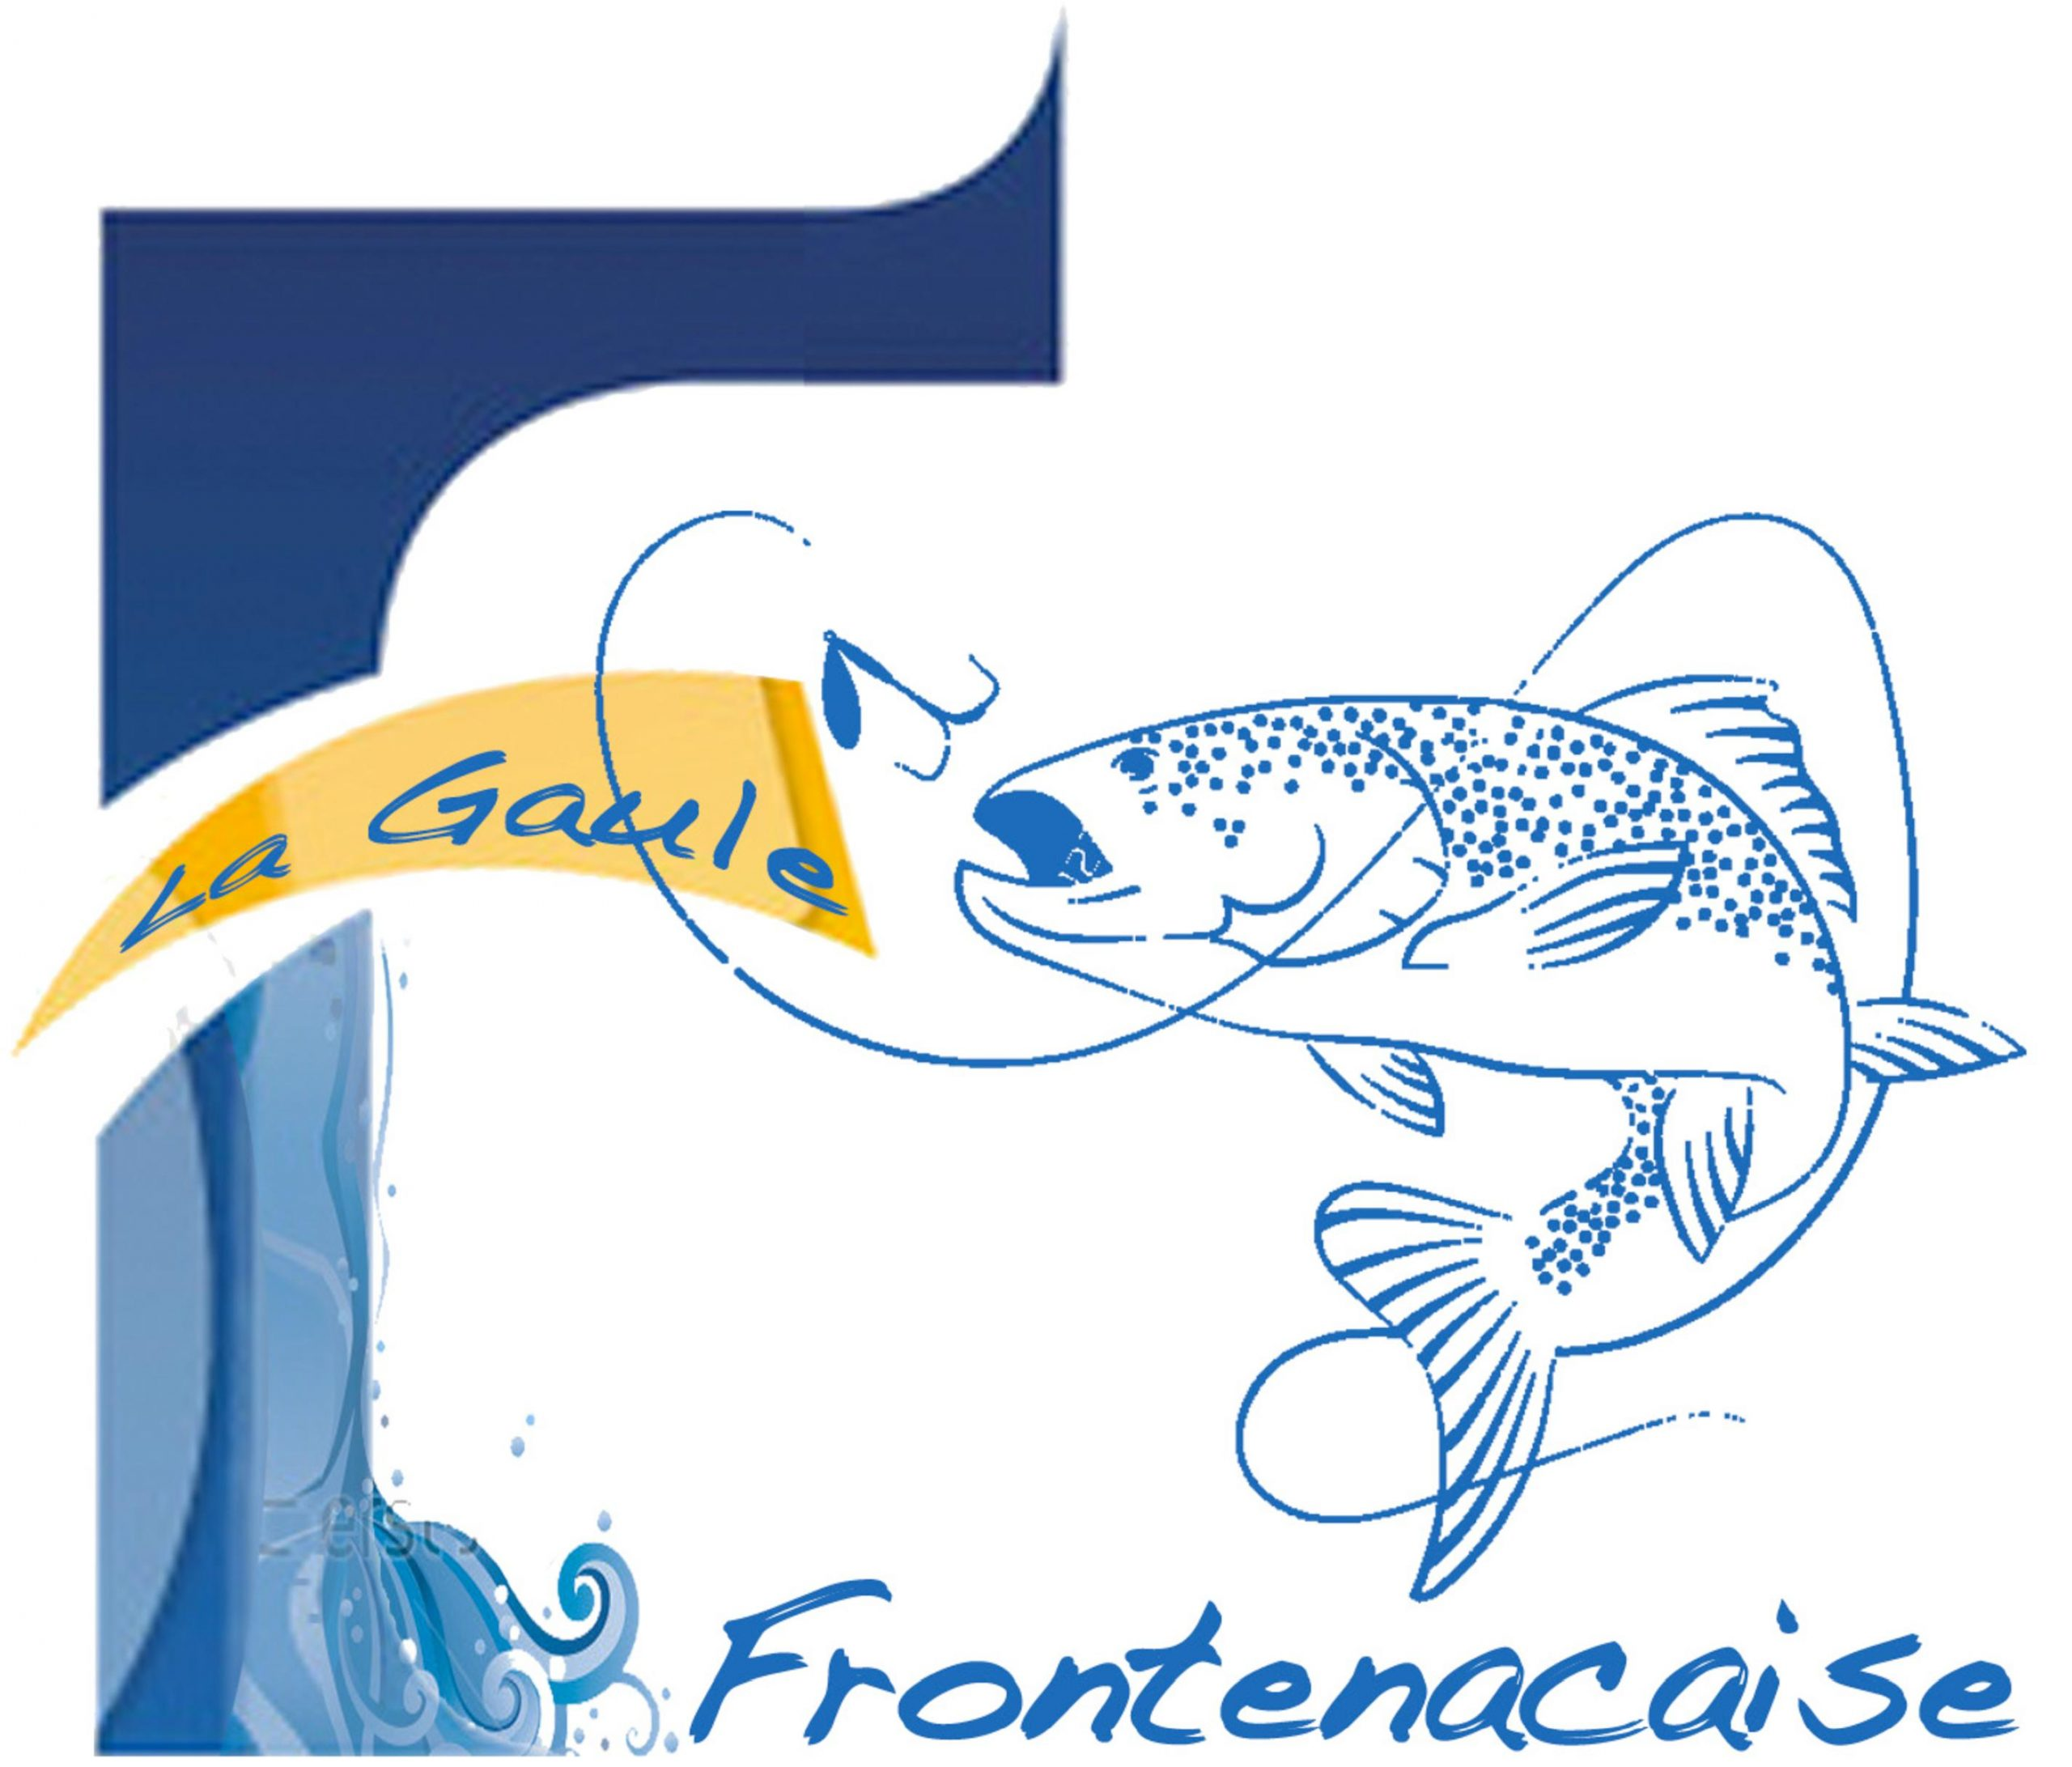 La Gaule Frontenacaise